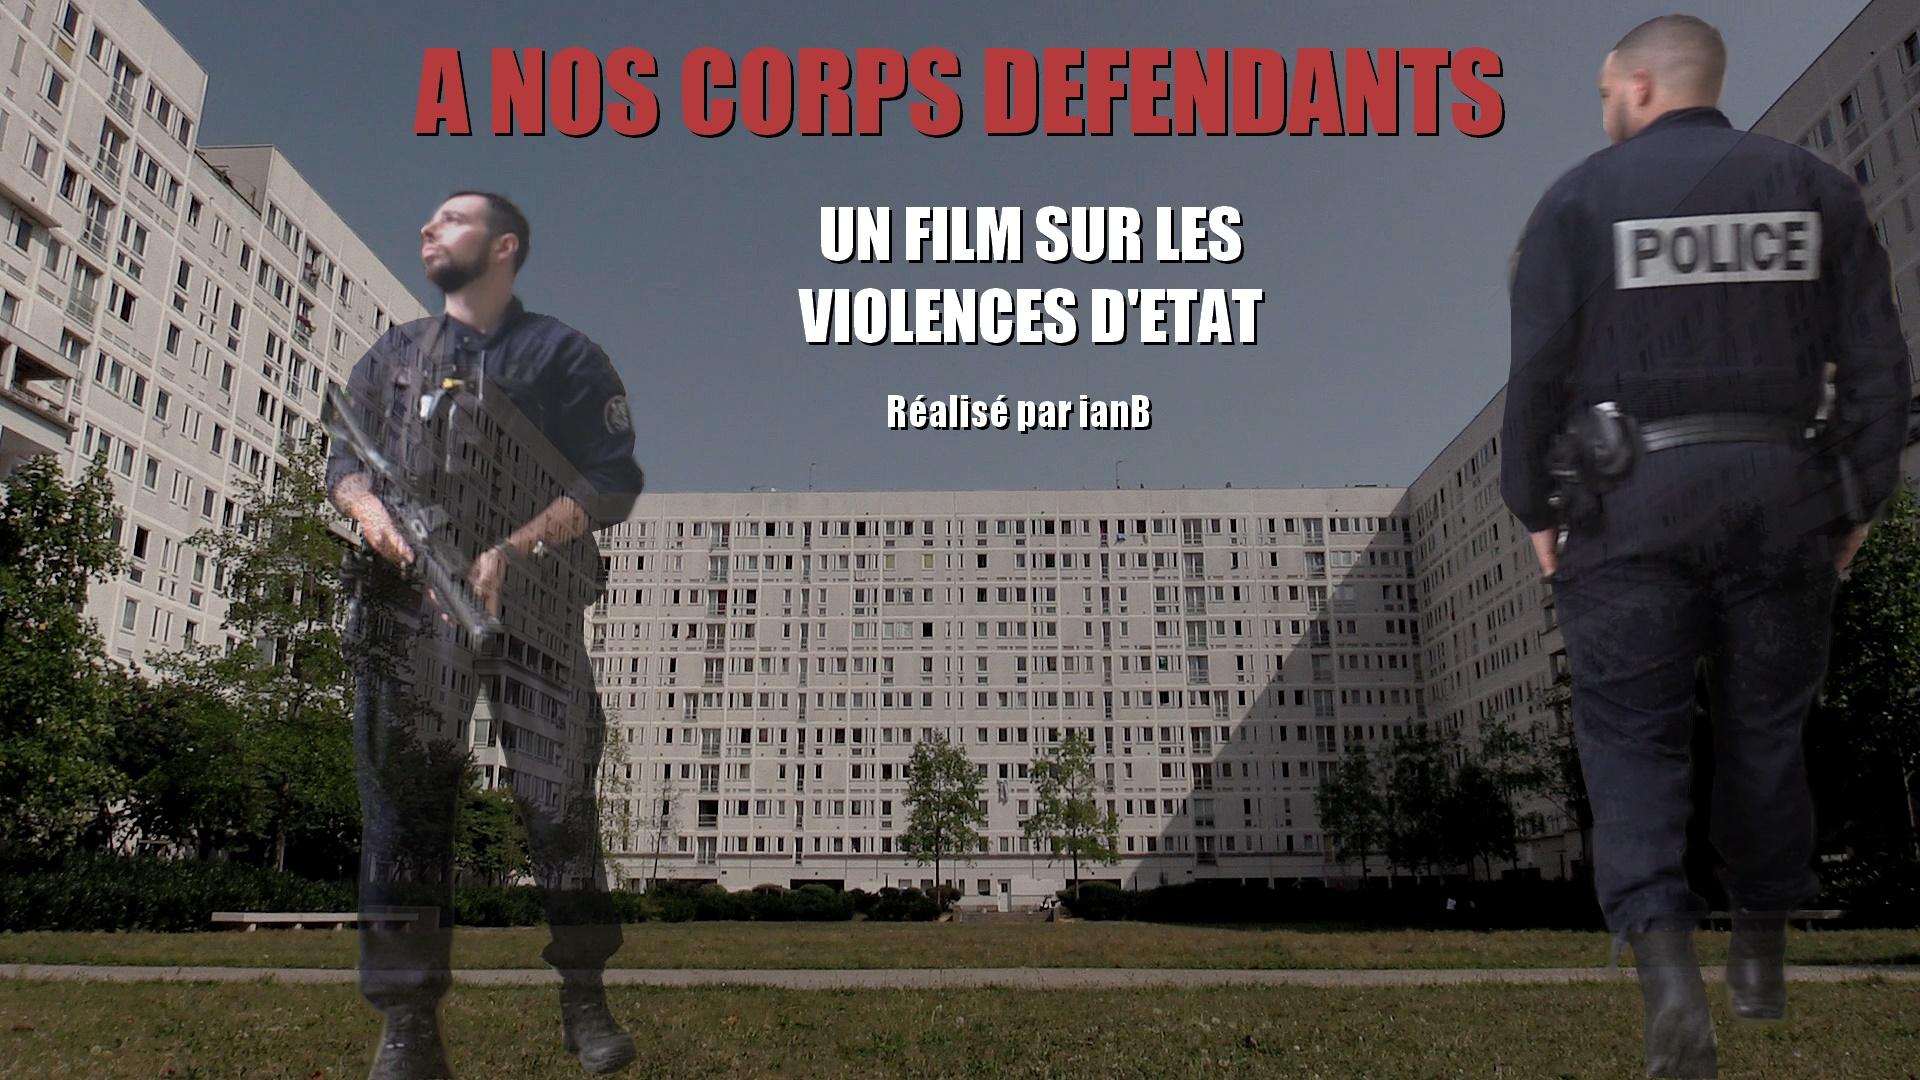 200520 - Visuel docu A nos corps défendants un film sur les violences d'Etat - La Déviation